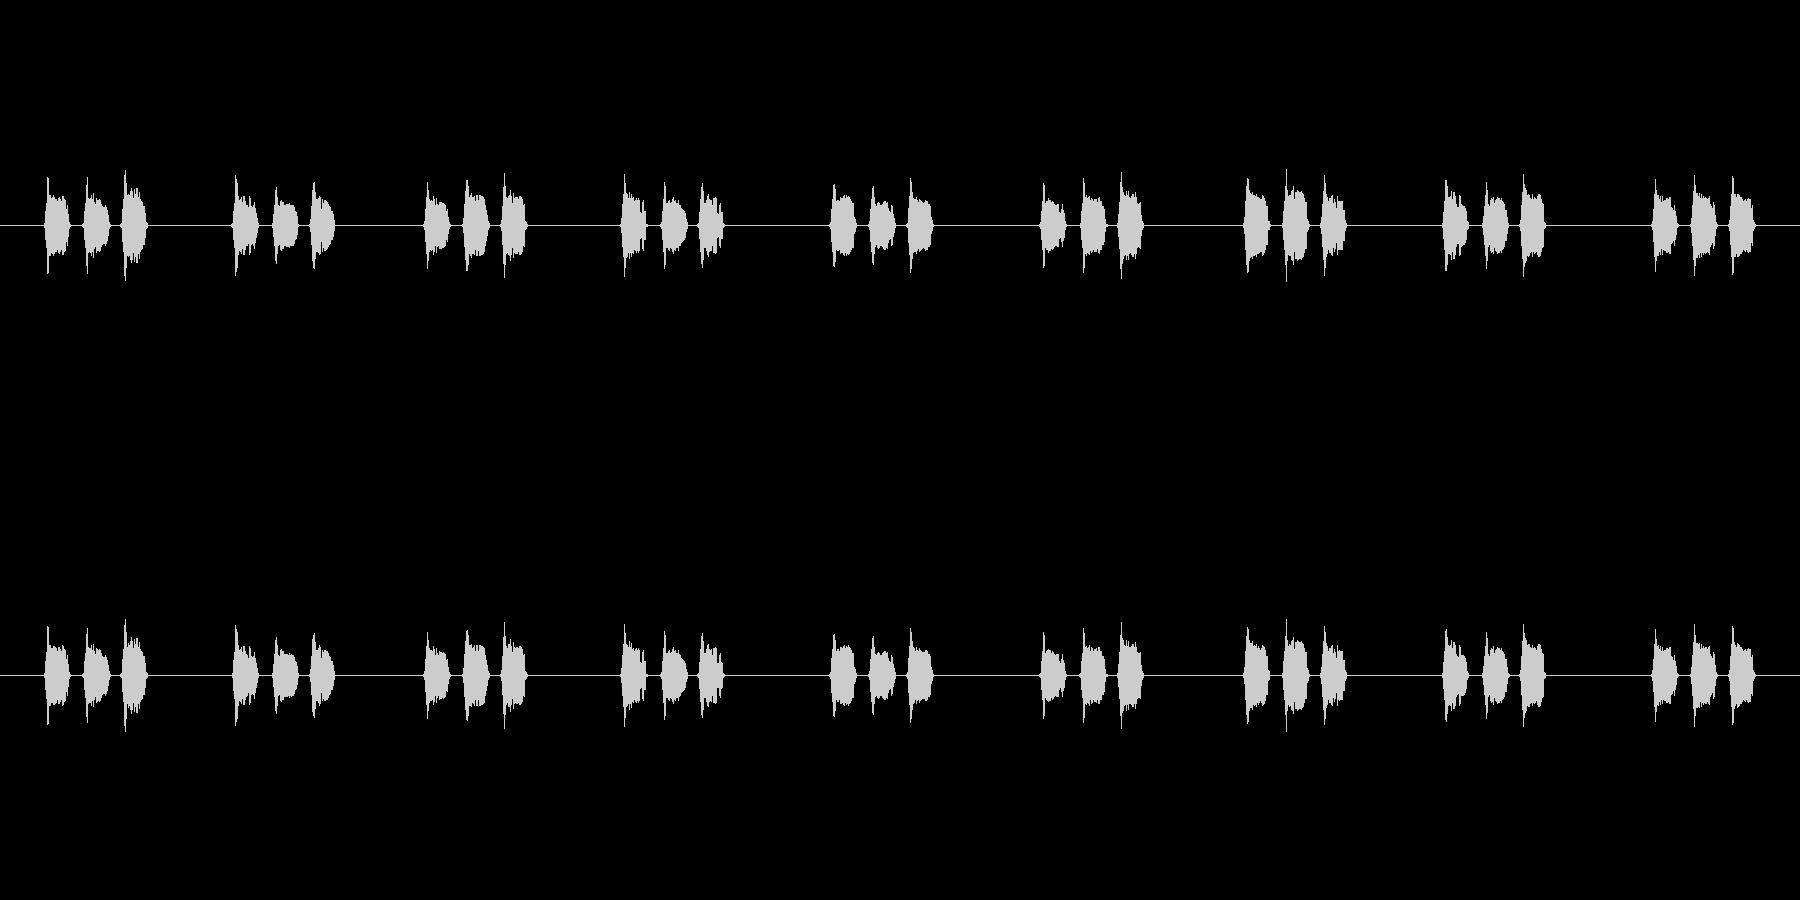 【慌てる02-4】の未再生の波形